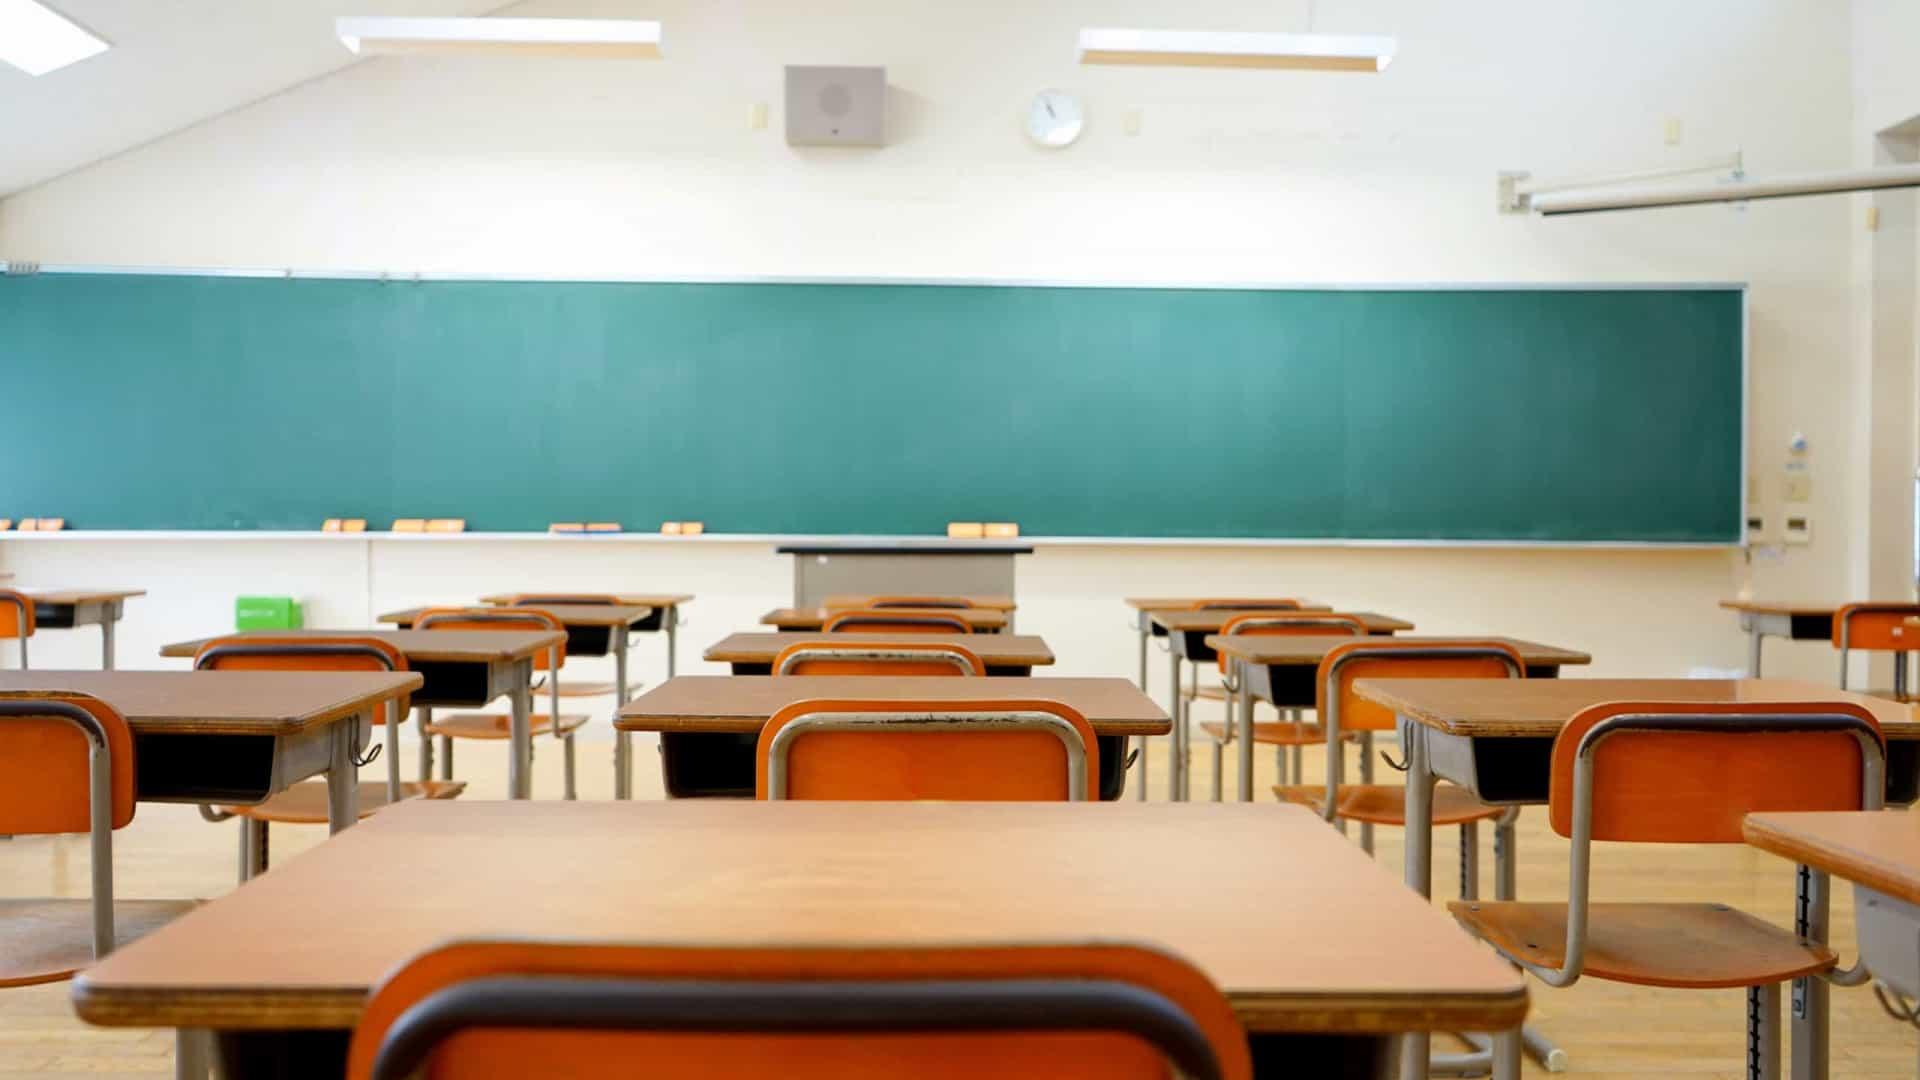 Educação: 26 cidades tem aulas presenciais suspensas após crescimento de casos da variante Delta no estado do Rio de Janeiro